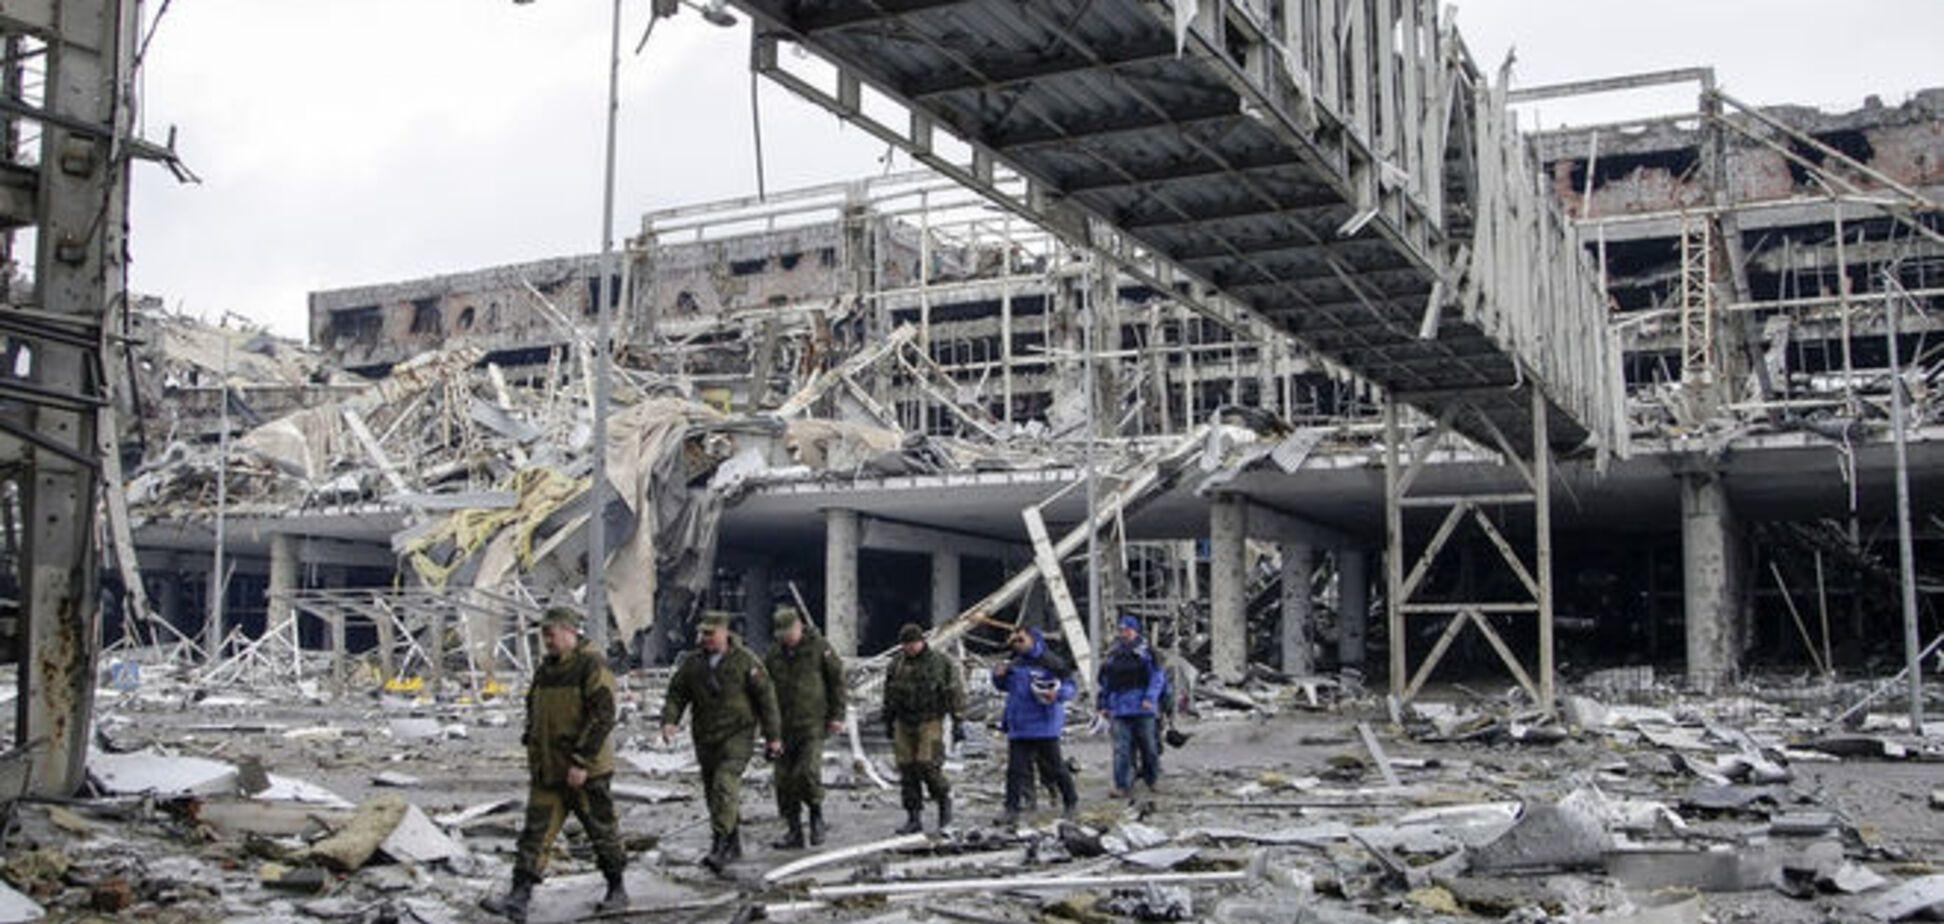 Ситуація навколо аеропорту Донецька залишається напруженою - ОБСЄ